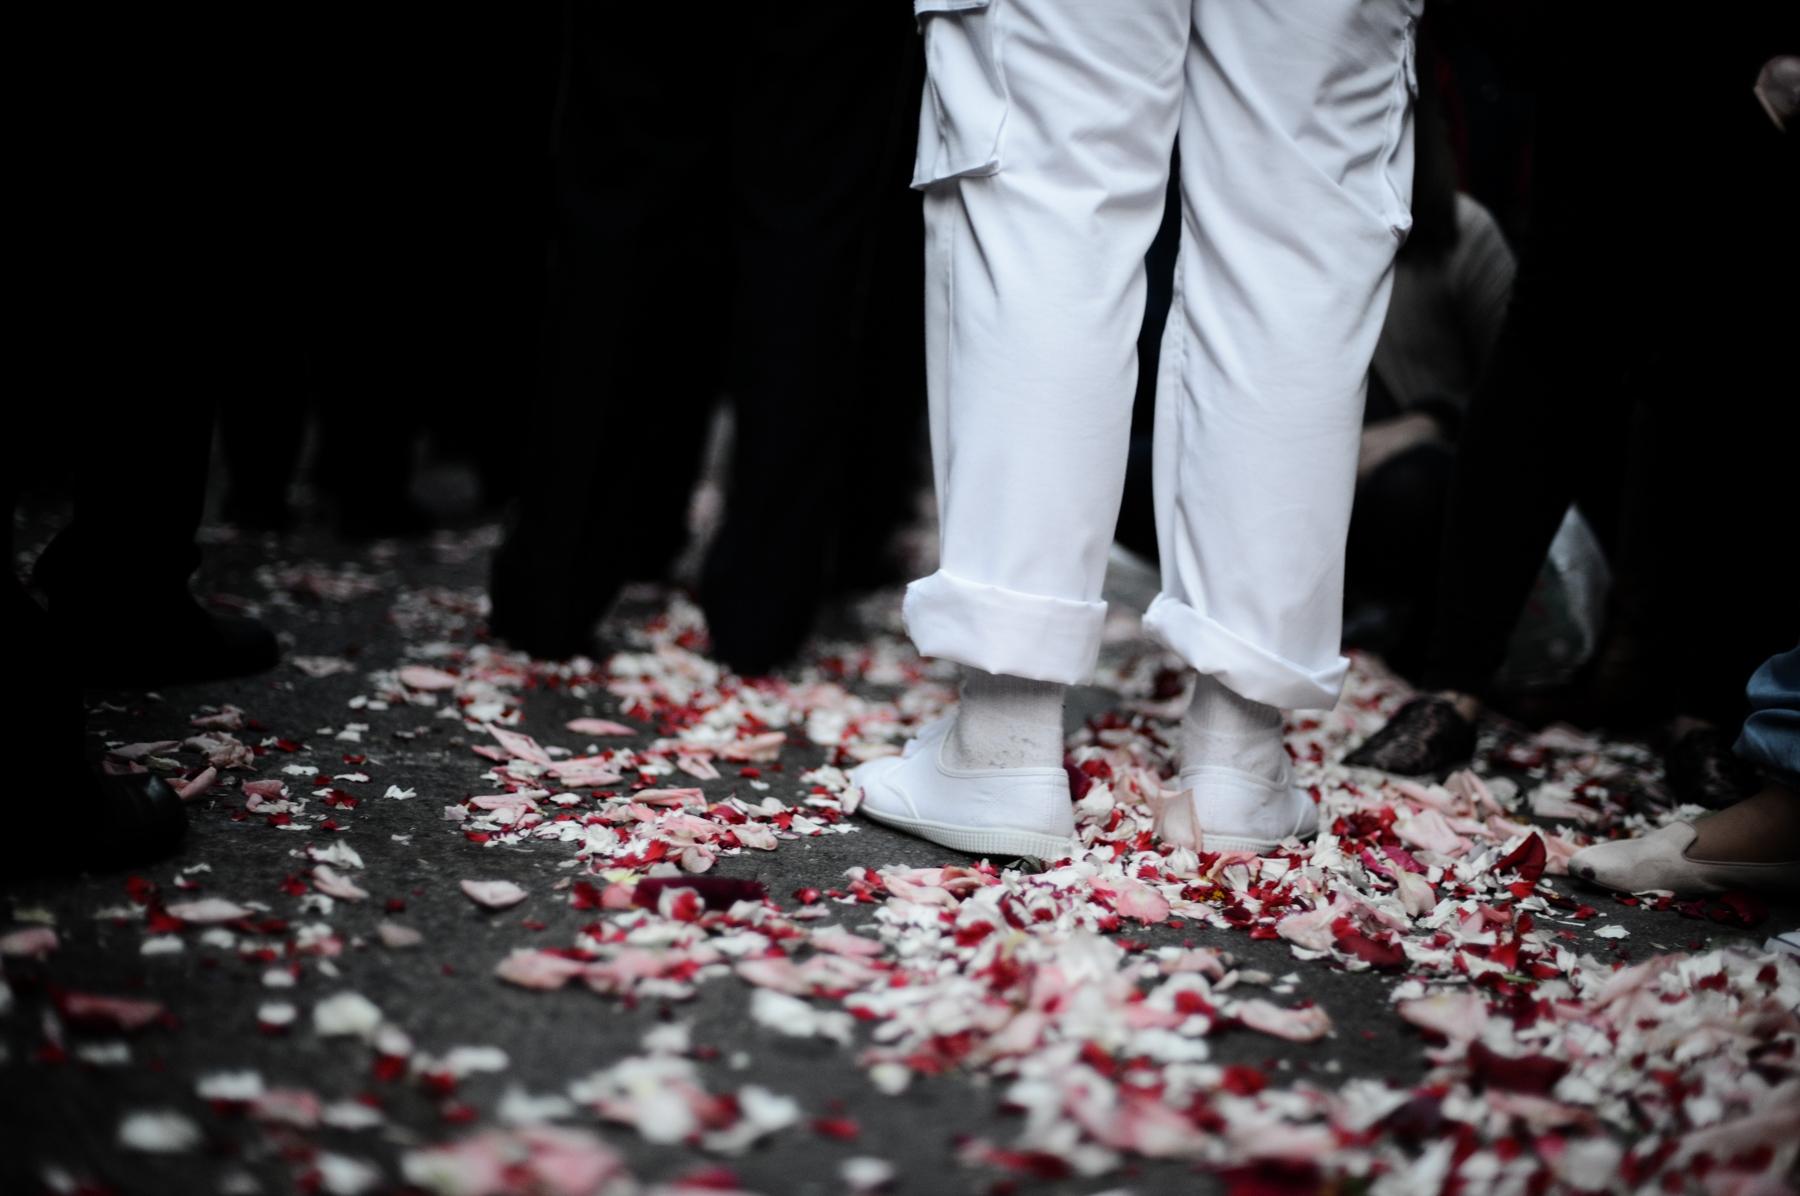 Alfombra de pétalos de flores tras el paso de la Virgen © Bisual Studio